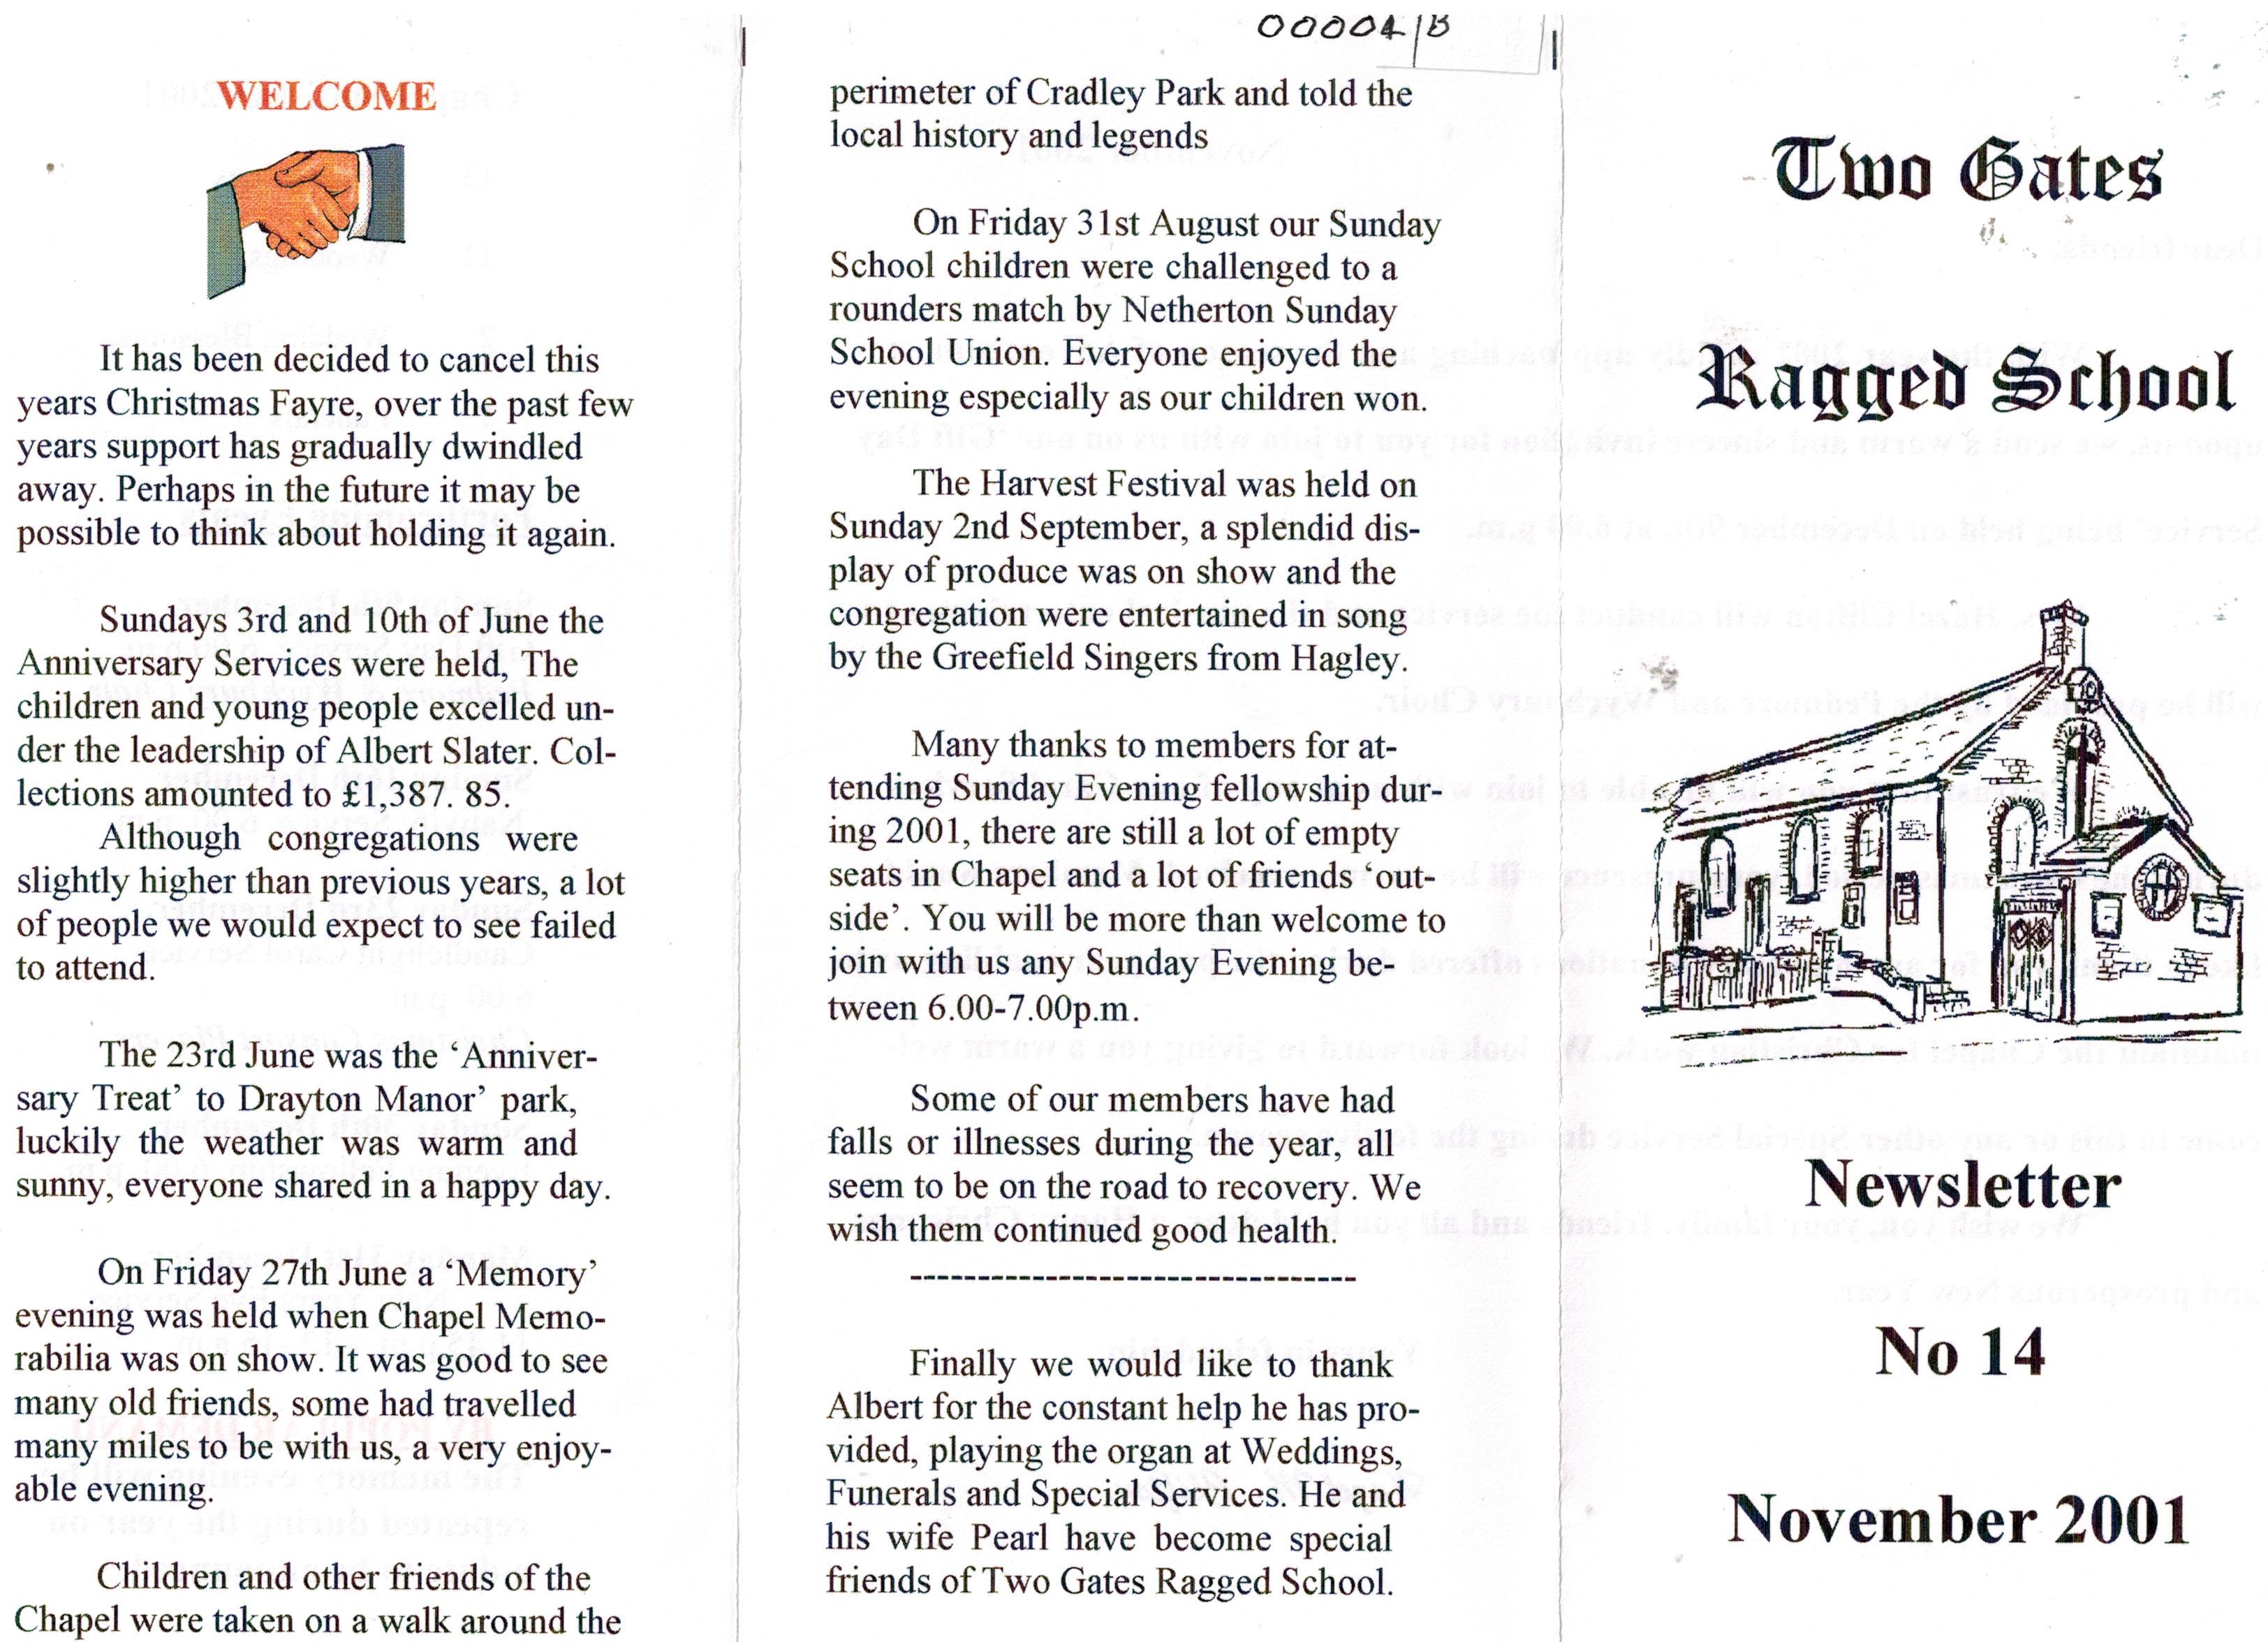 J015a_Newsletter_14-[Nov_2001]